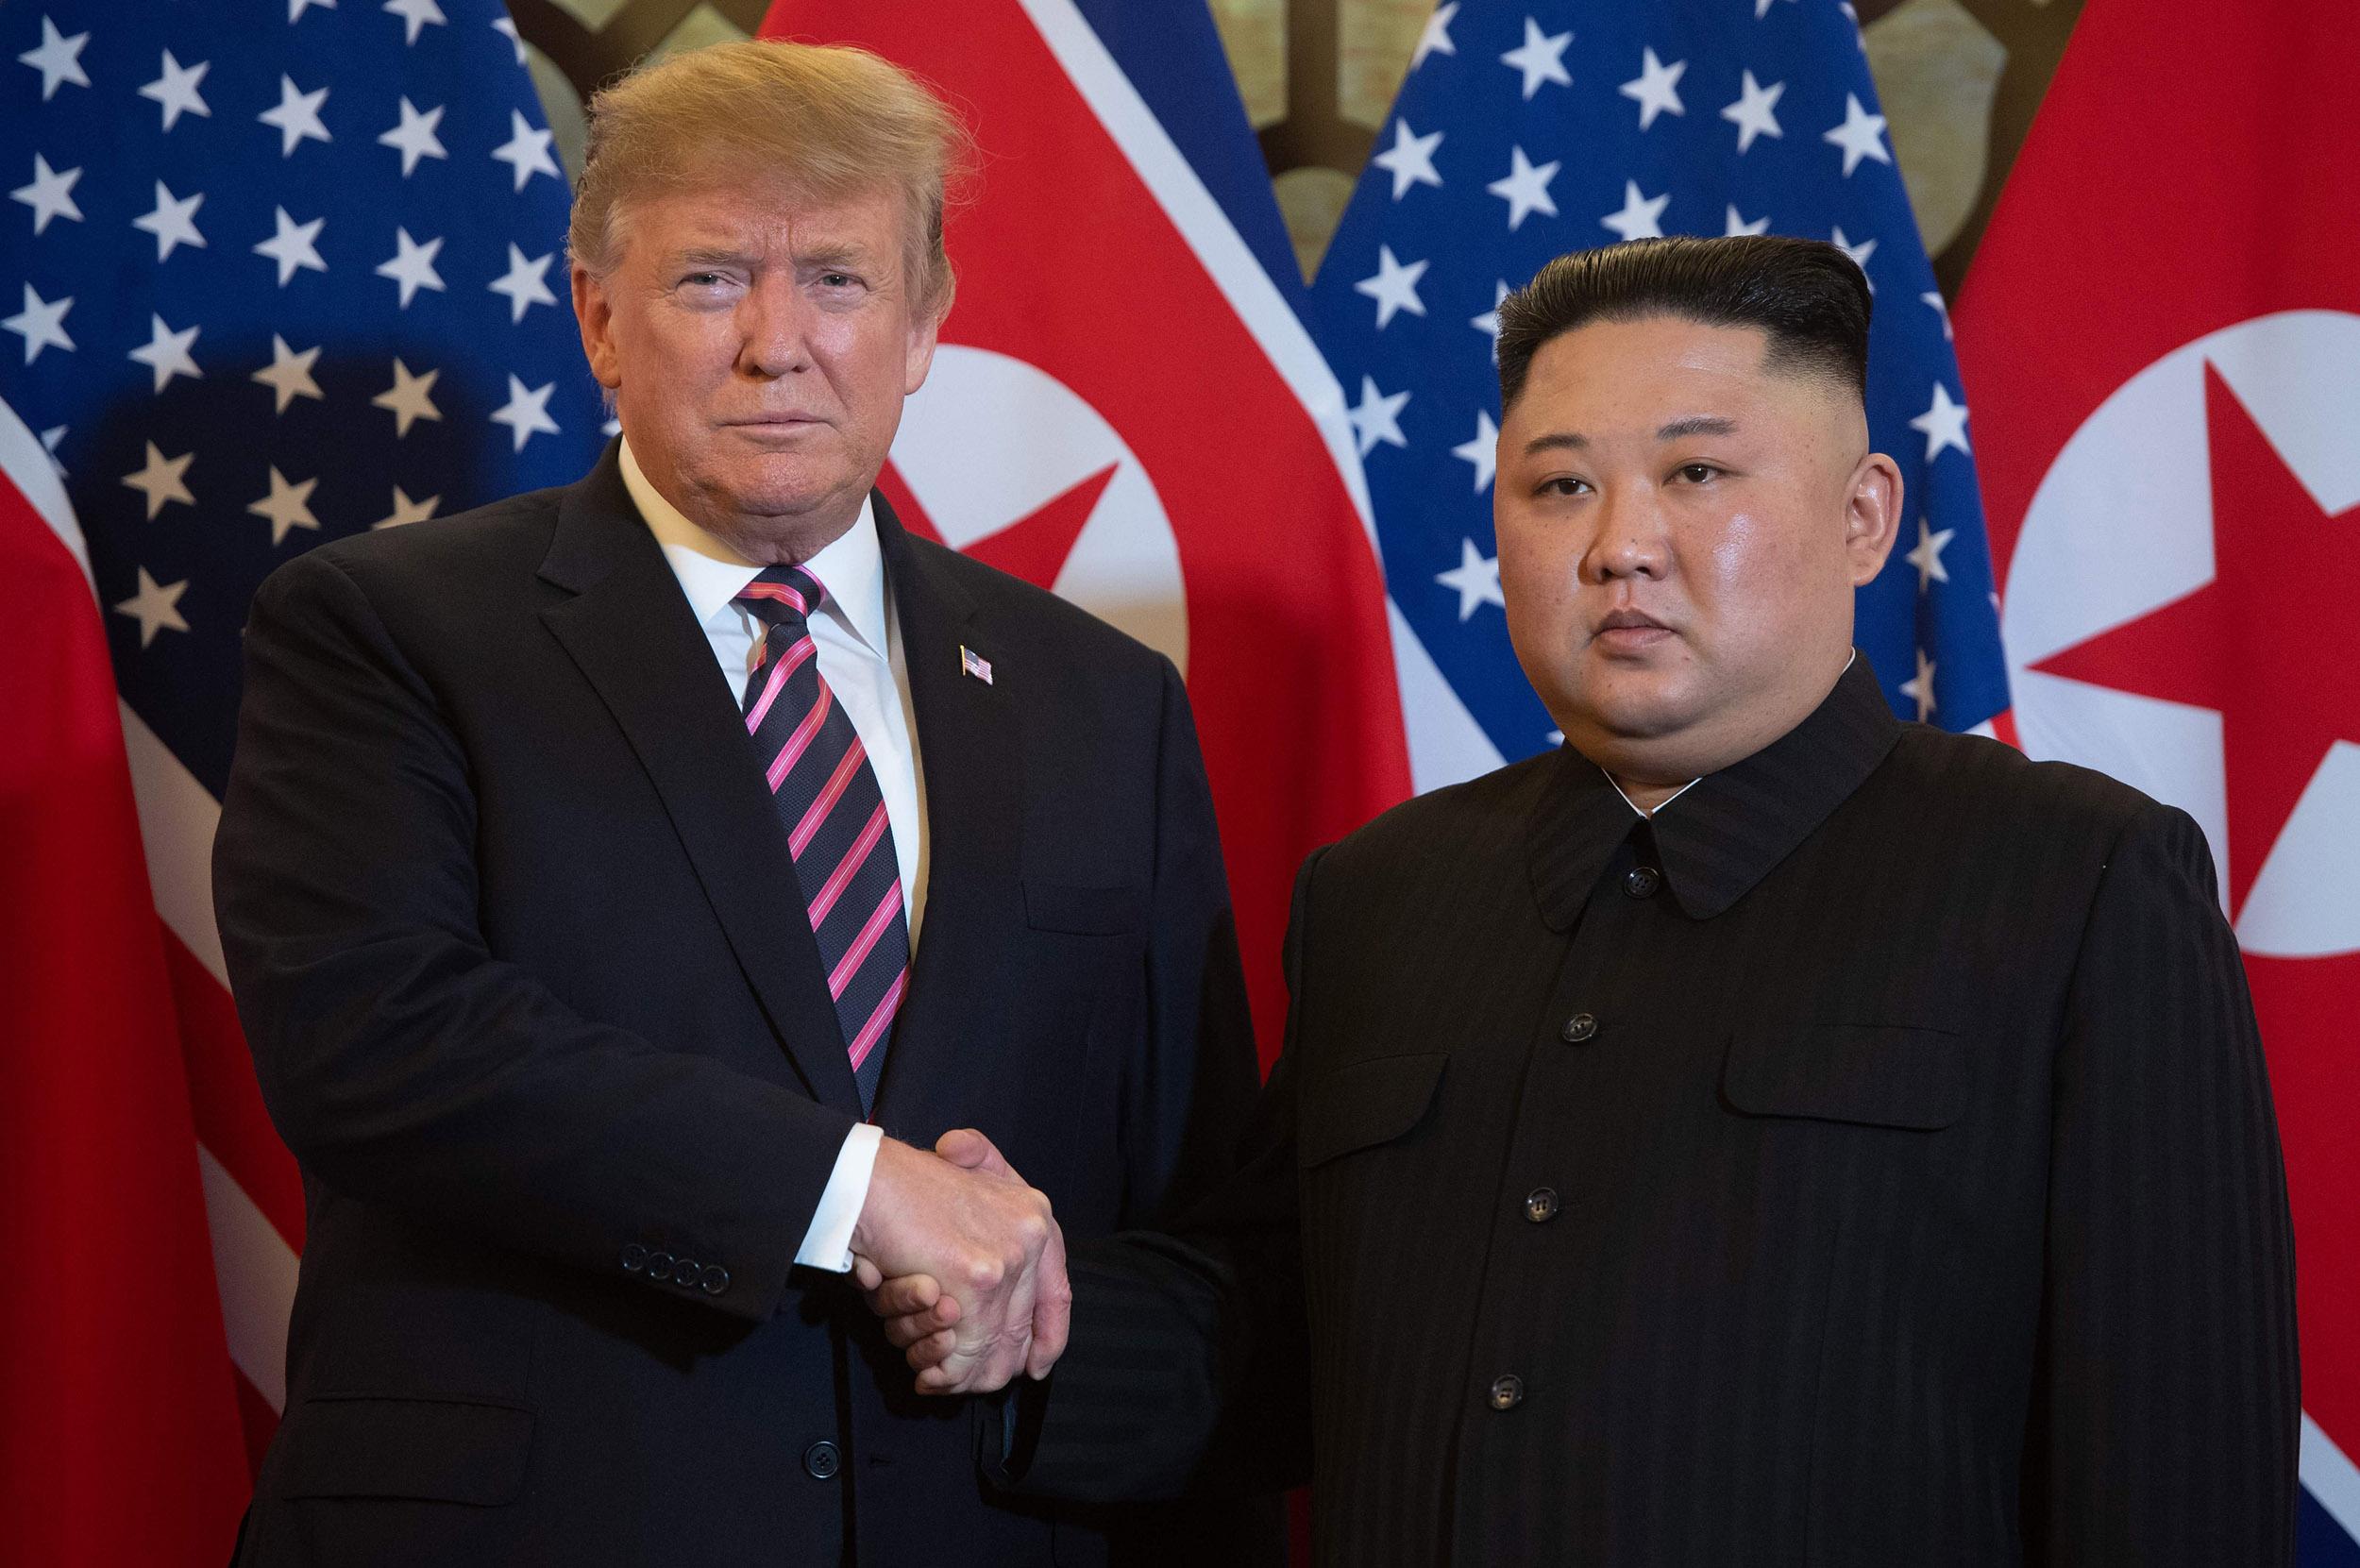 Kim-Jong-Un-may-suspend-talks-with-'gangster-like'-U.S.,-N.-Korea-warns